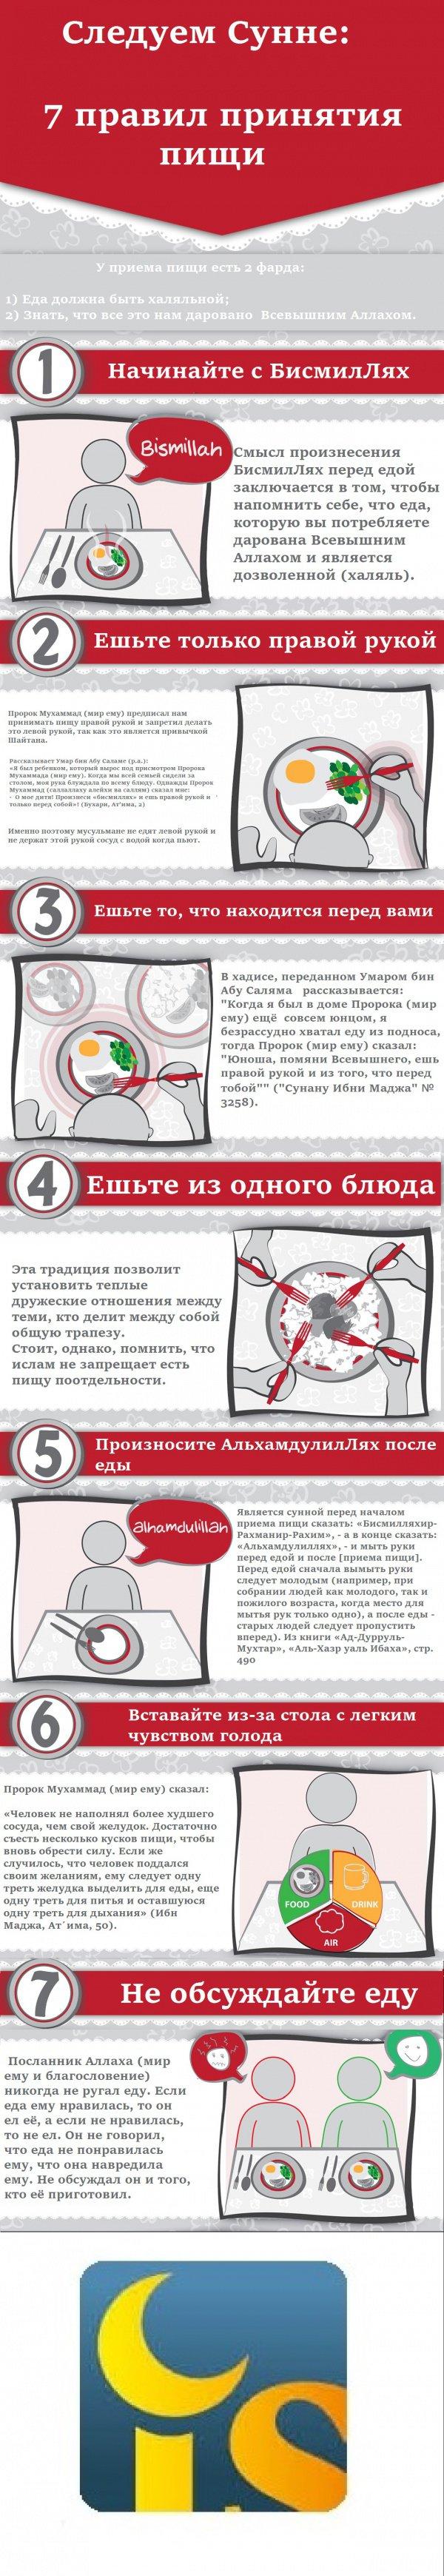 7 правил принятия пищи